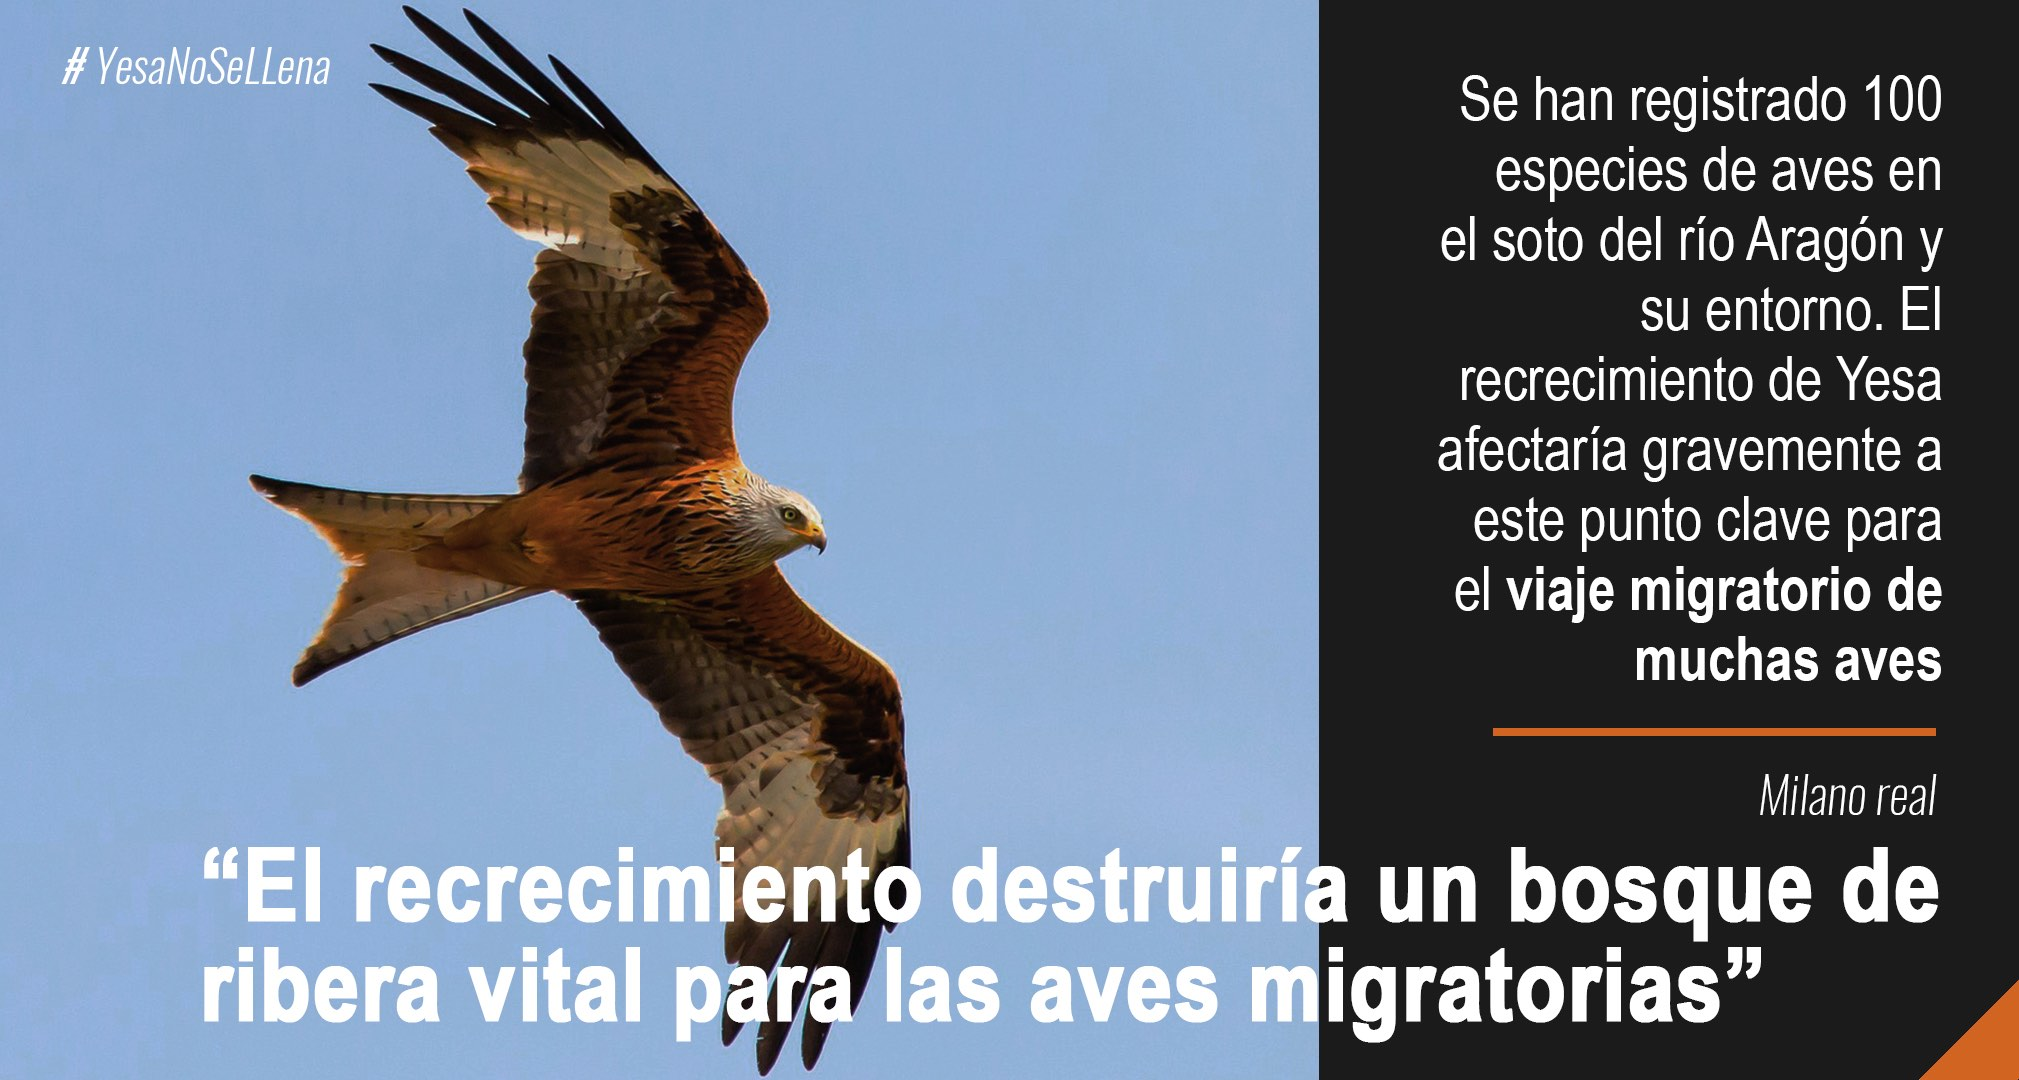 Infografías ambiental Milano recrecimiento